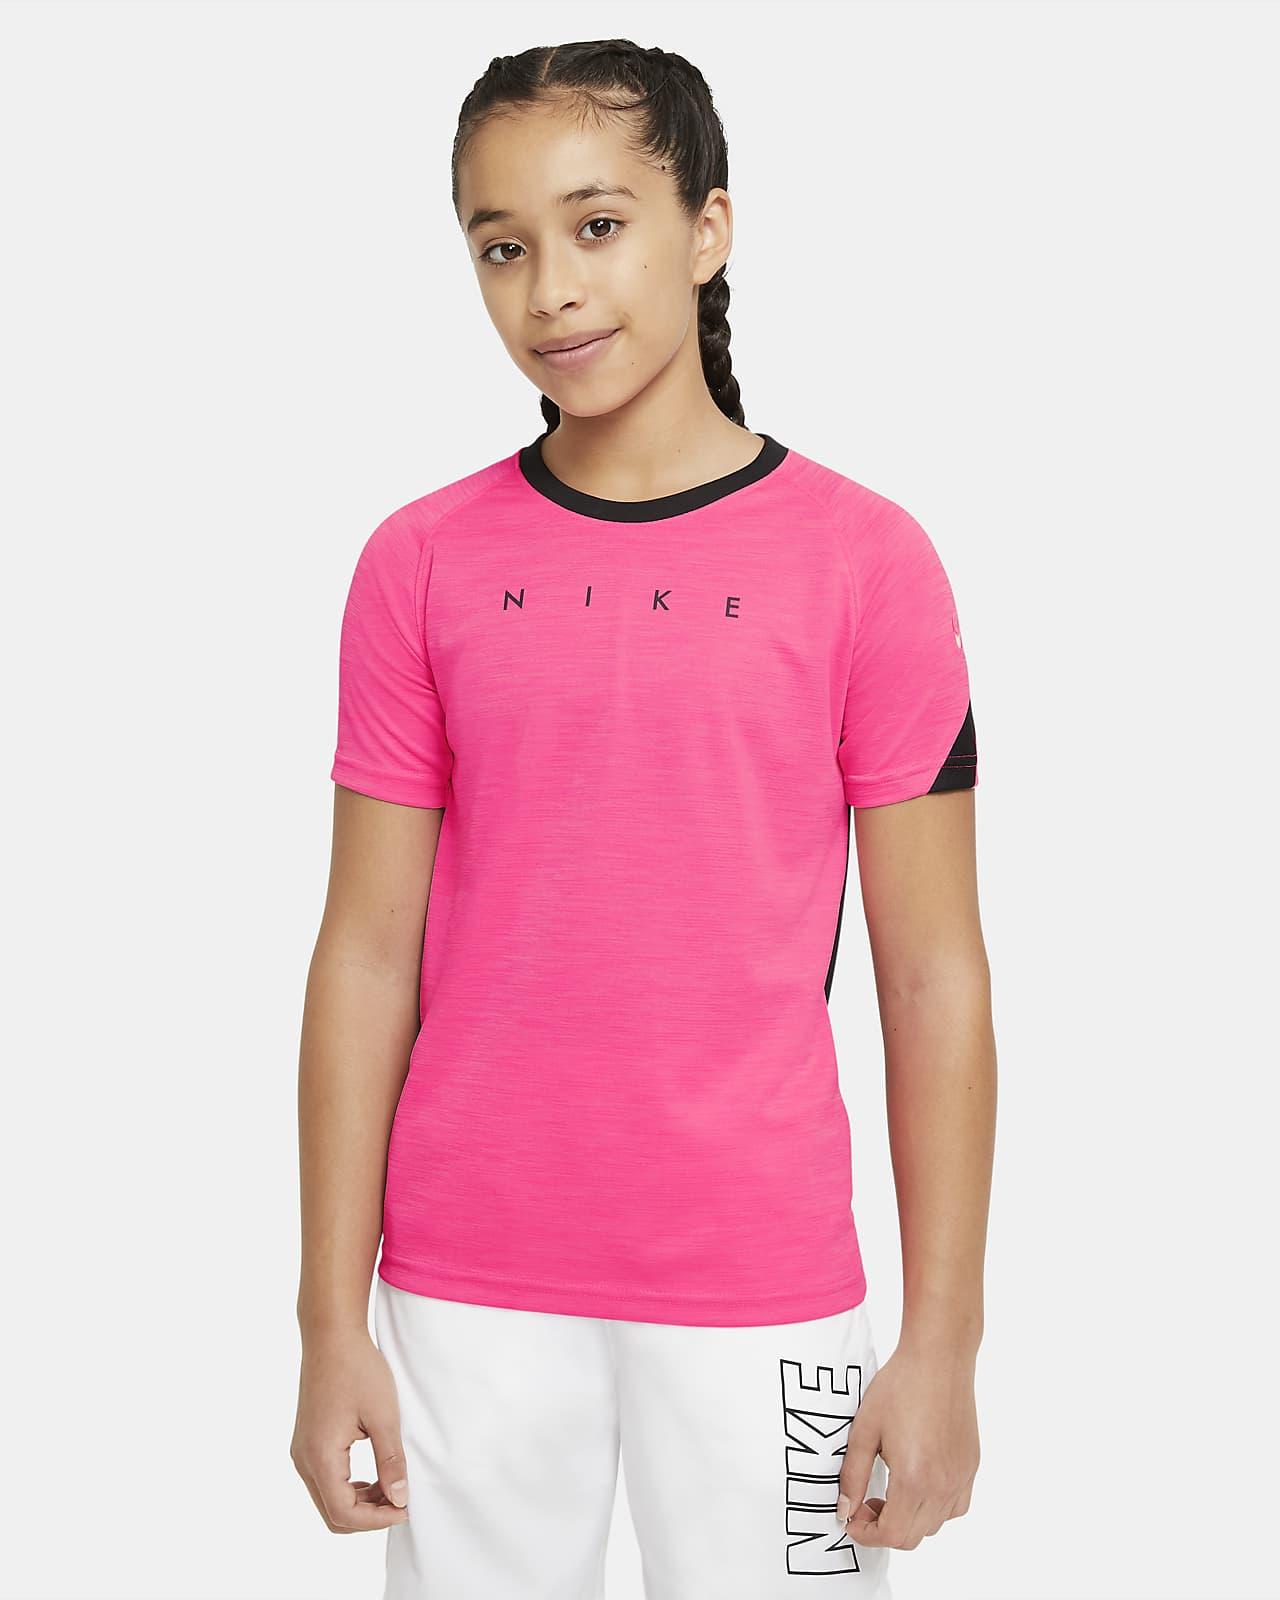 เสื้อฟุตบอลแขนสั้นเด็กโตมีกราฟิก Nike Dri-FIT Academy